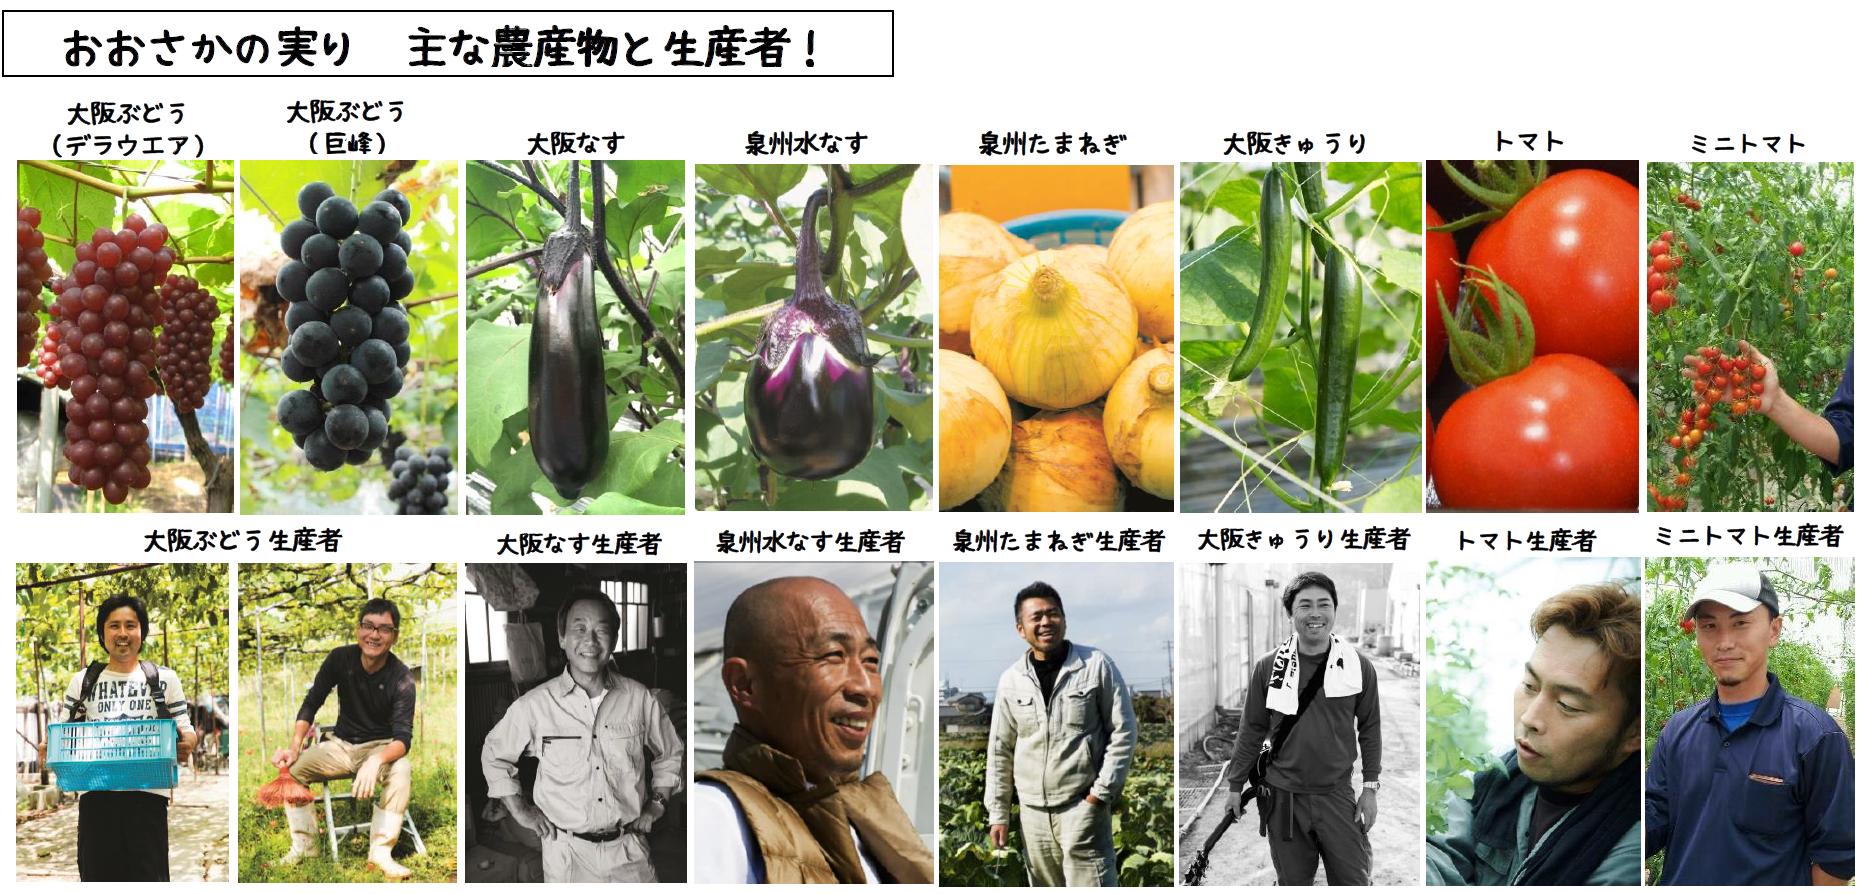 おおさか生産者 農産物修正 最終.png